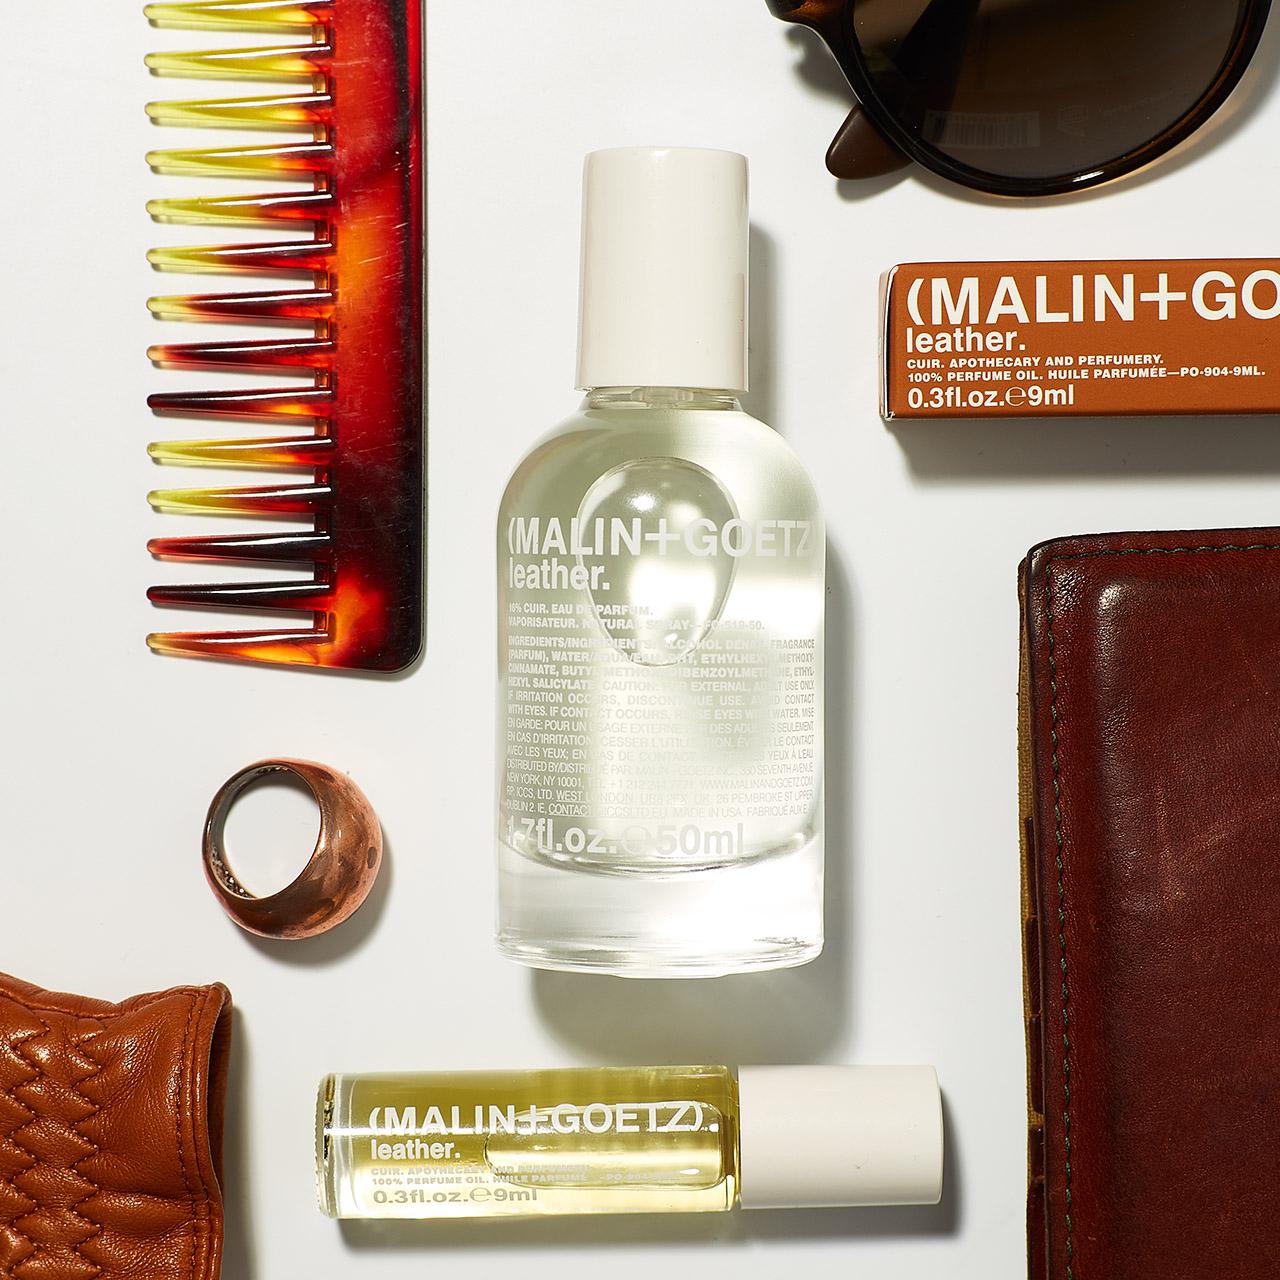 (MALIN + GOETZ),生活選物,生活雜貨,美國品牌,美國保養品牌,保養品牌